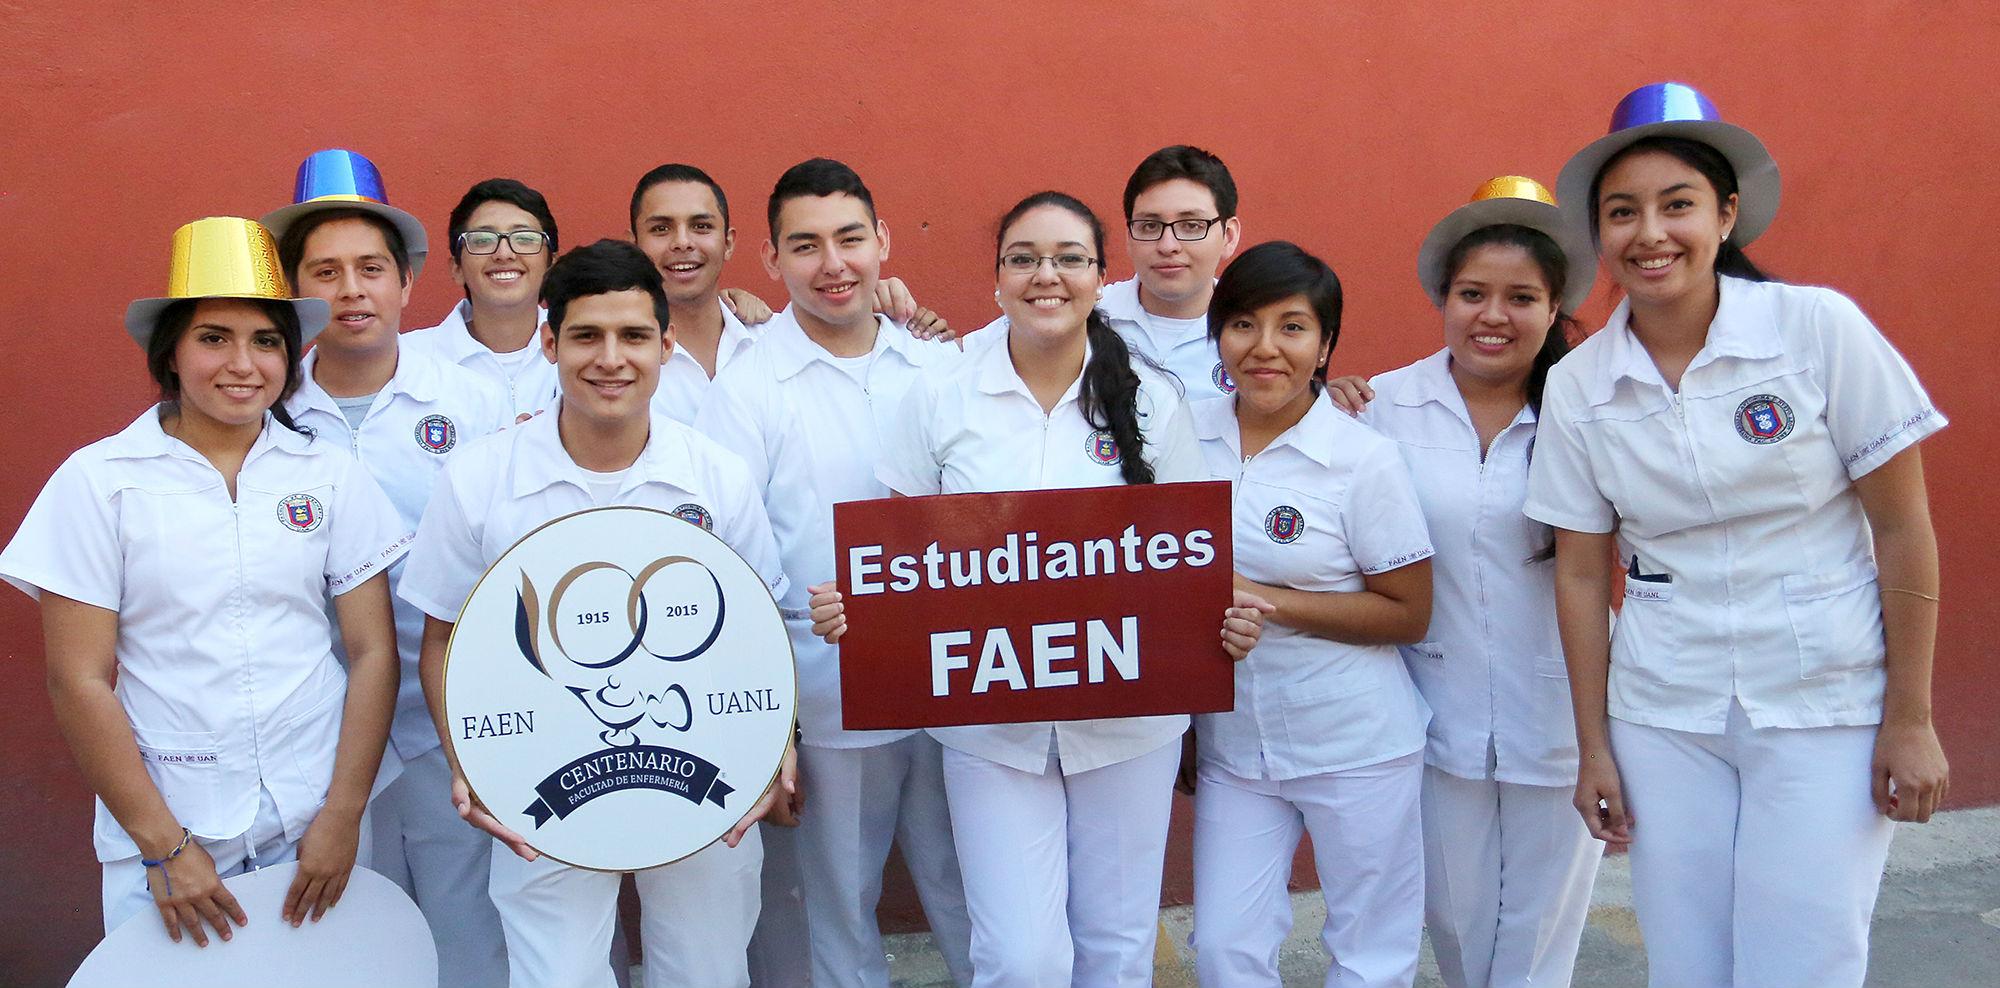 Estudiantes festejaron los primeros cien años de su facultad